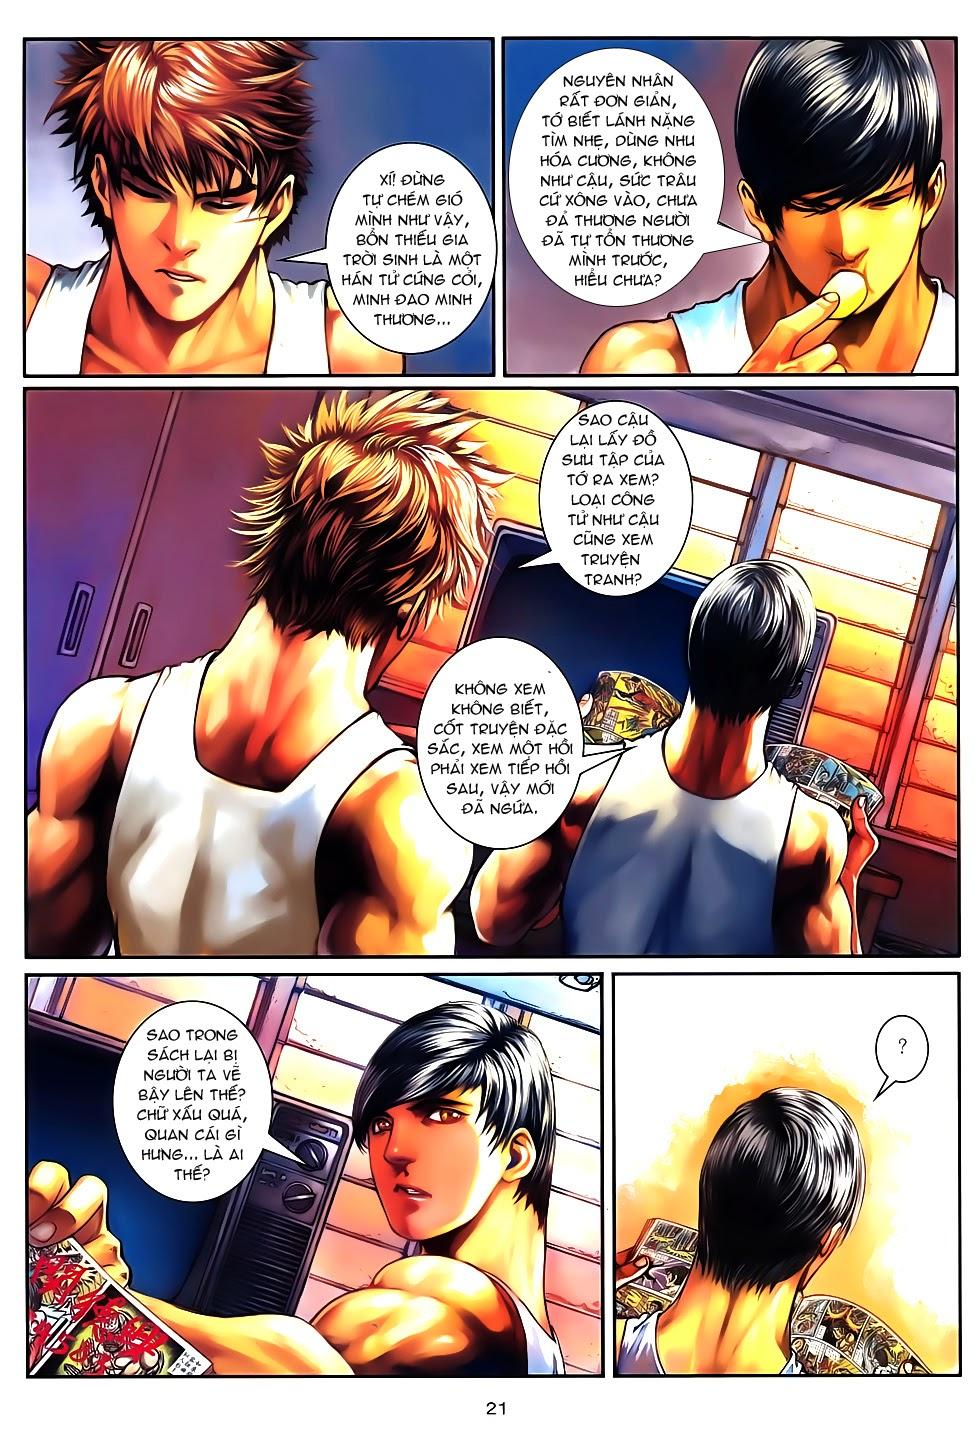 Quyền Đạo chapter 10 trang 20